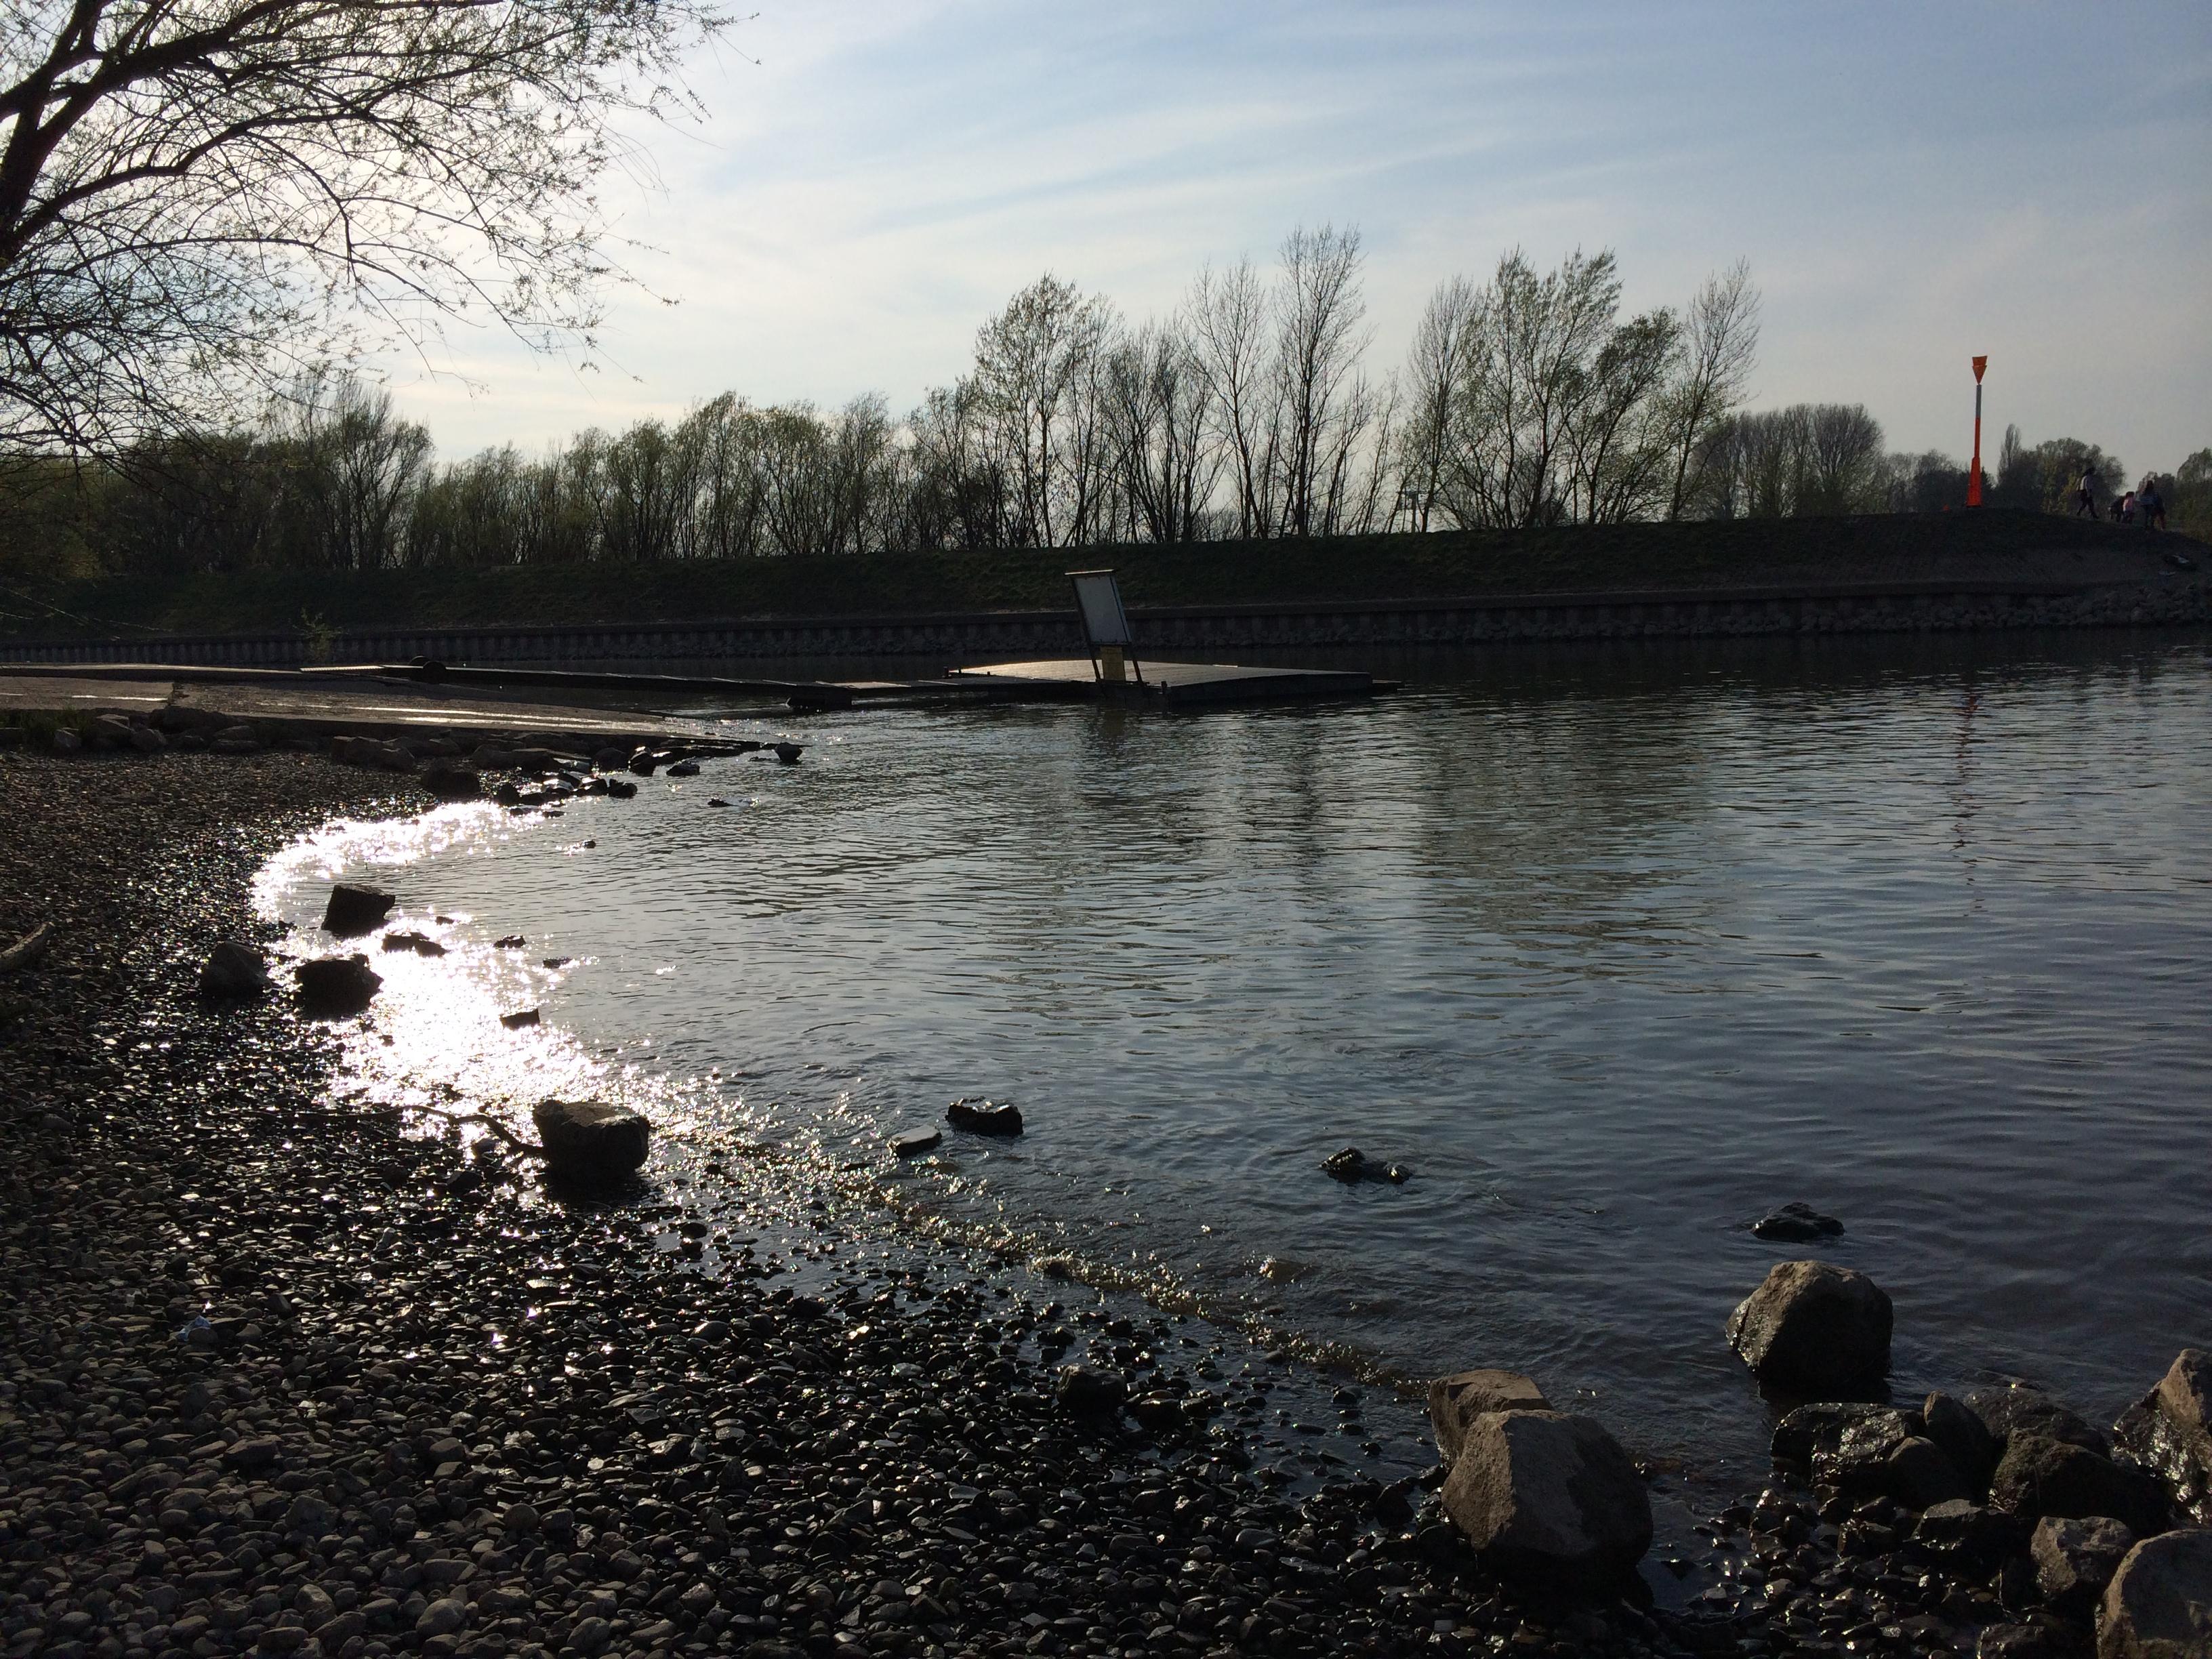 Private Slipstelle vom Club für Wassersport in Köln Porz